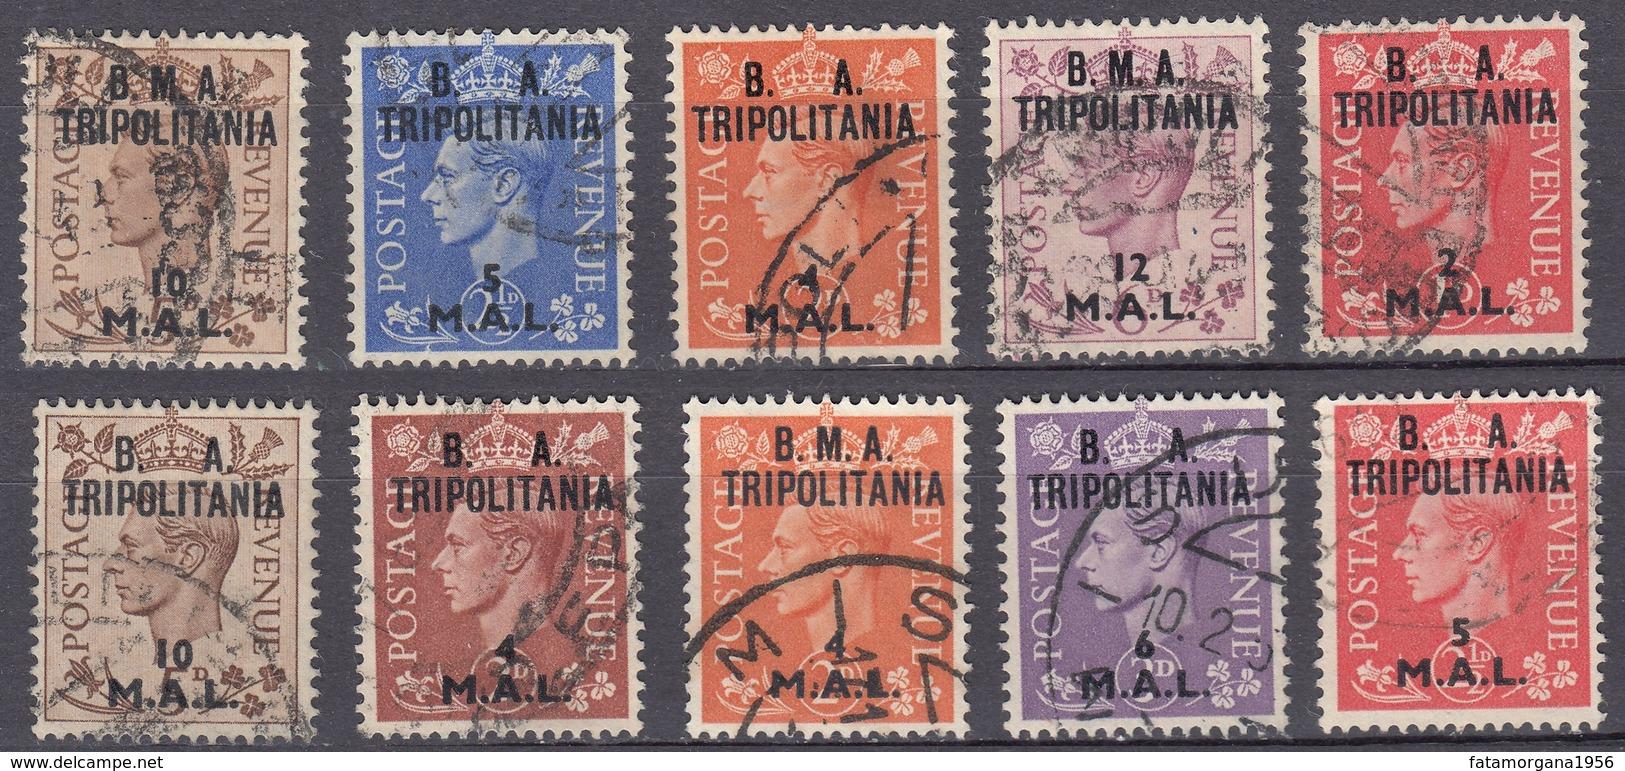 TRIPOLITANIA - OCCUPAZIONE Civile E Militare Britannica - Lotto Di 10 Valori Diversi  Assortiti, Come Da Immagine. - South West Africa (1923-1990)